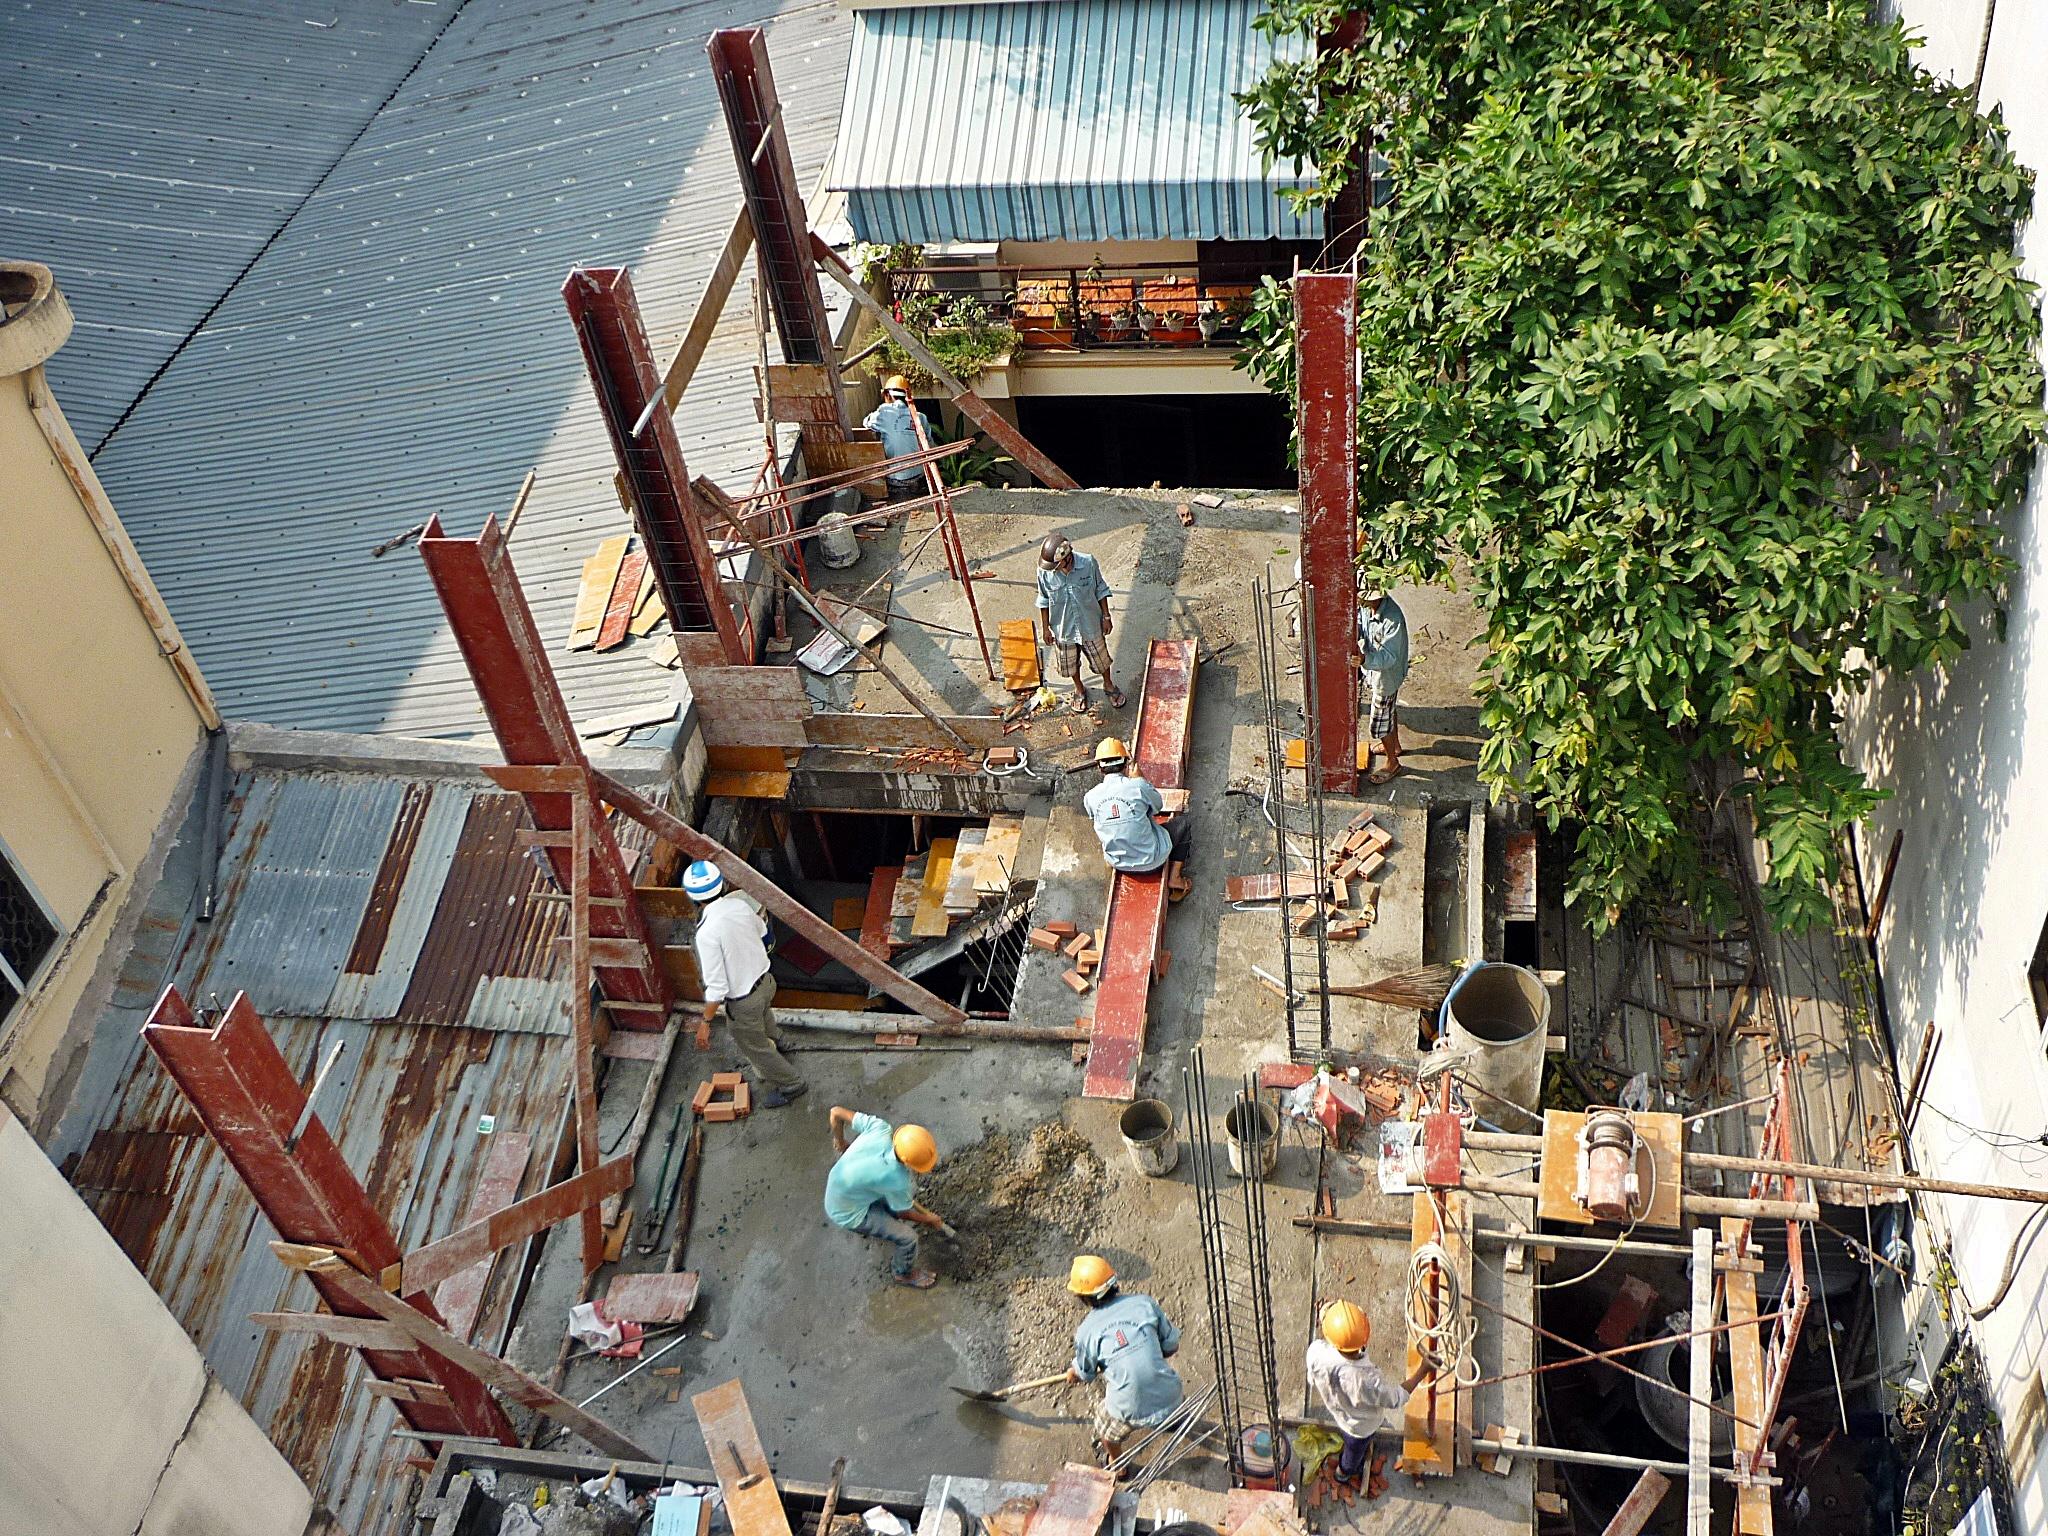 quy định về mua bảo hiểm công trình xây dựng,thời gian bảo hiểm công trình xây dựng,quy định về bảo hiểm công trình,phí bảo hiểm công trình xây dựng